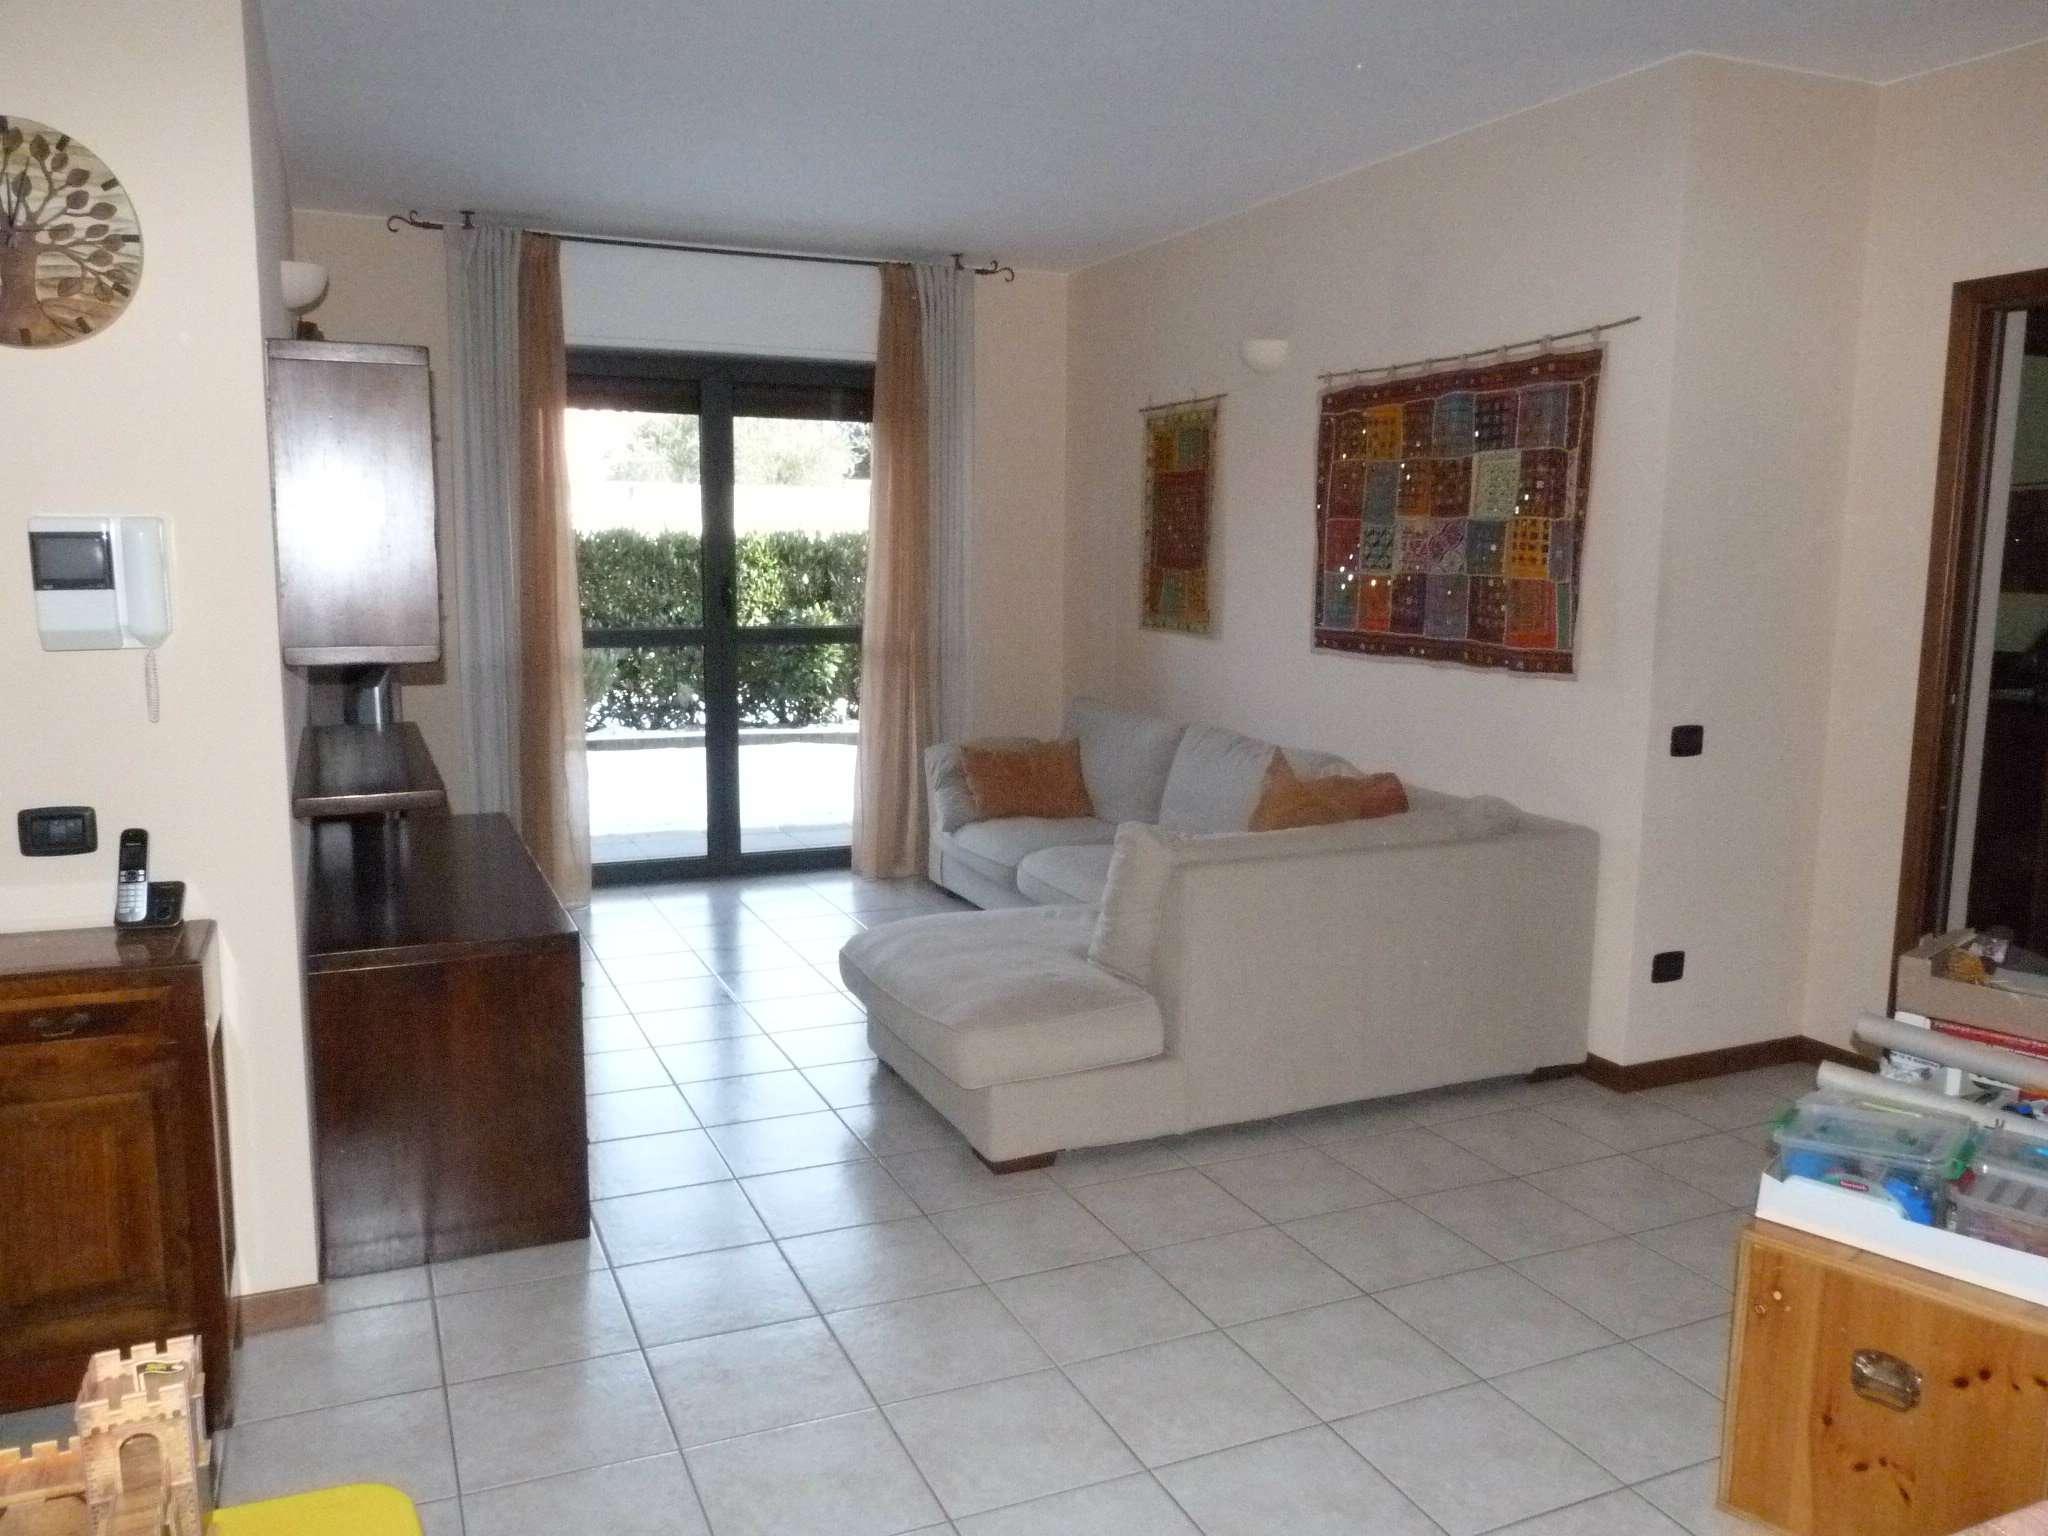 Appartamento in vendita a Lurate Caccivio, 5 locali, prezzo € 222.000 | Cambio Casa.it